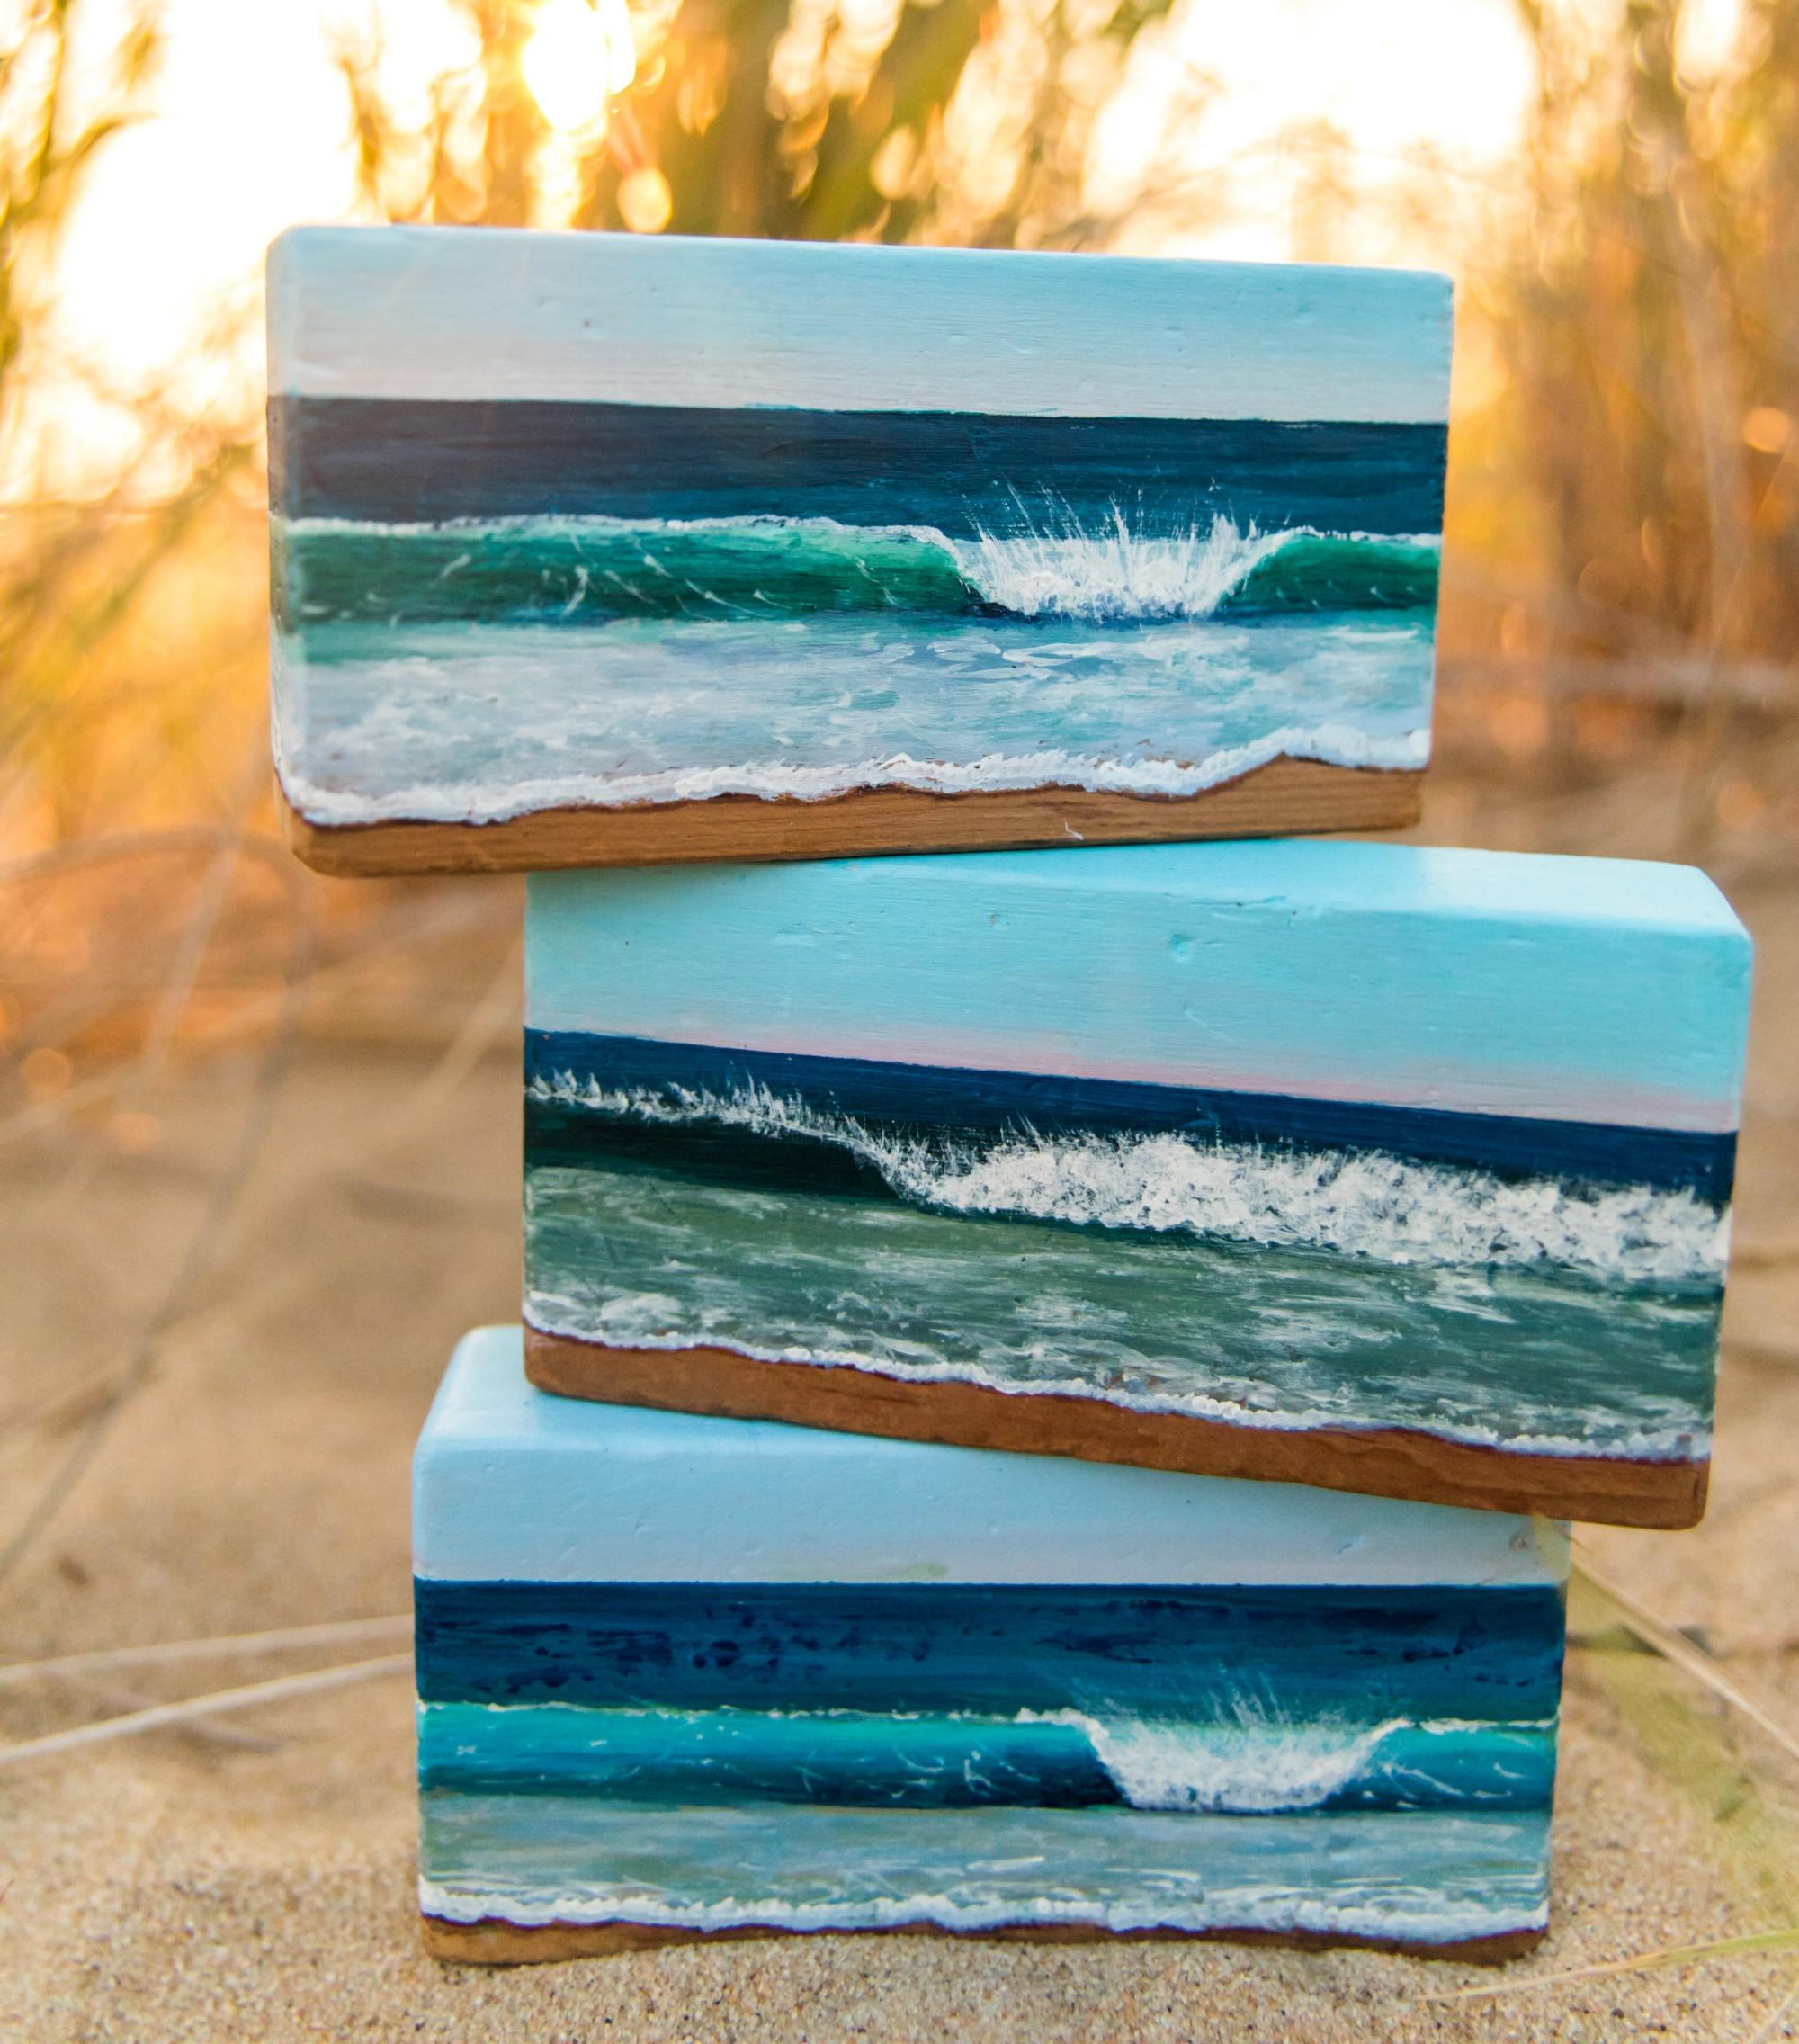 Wave paintings on vintage Playskool blocks by New England artist Carolyn Corrente.